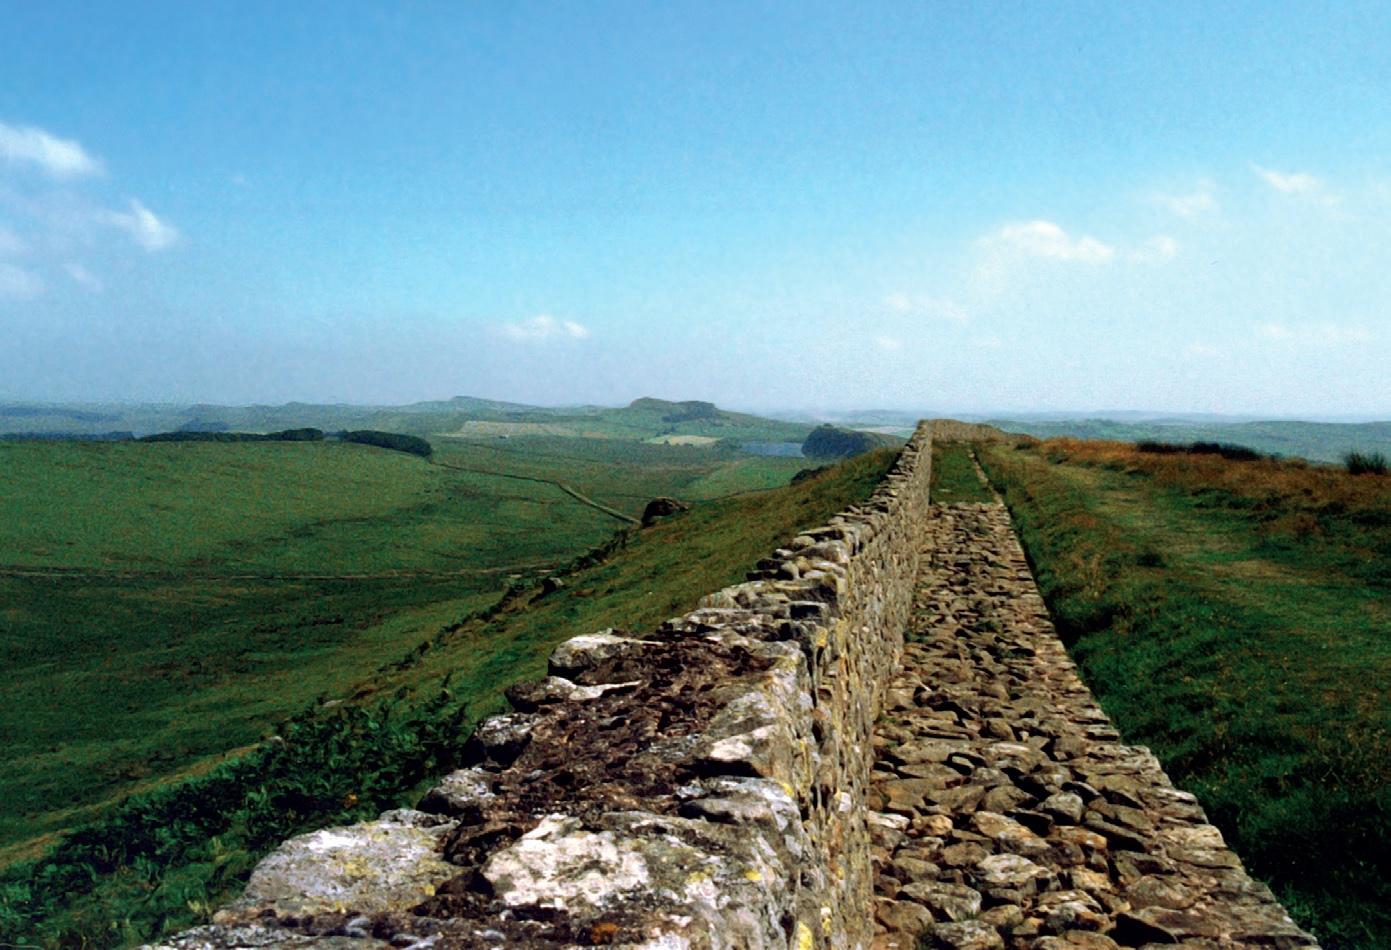 Weltkulturerbe und Wanderweg in einem: Der Hadrianswall im Norden Englands © Mediatus